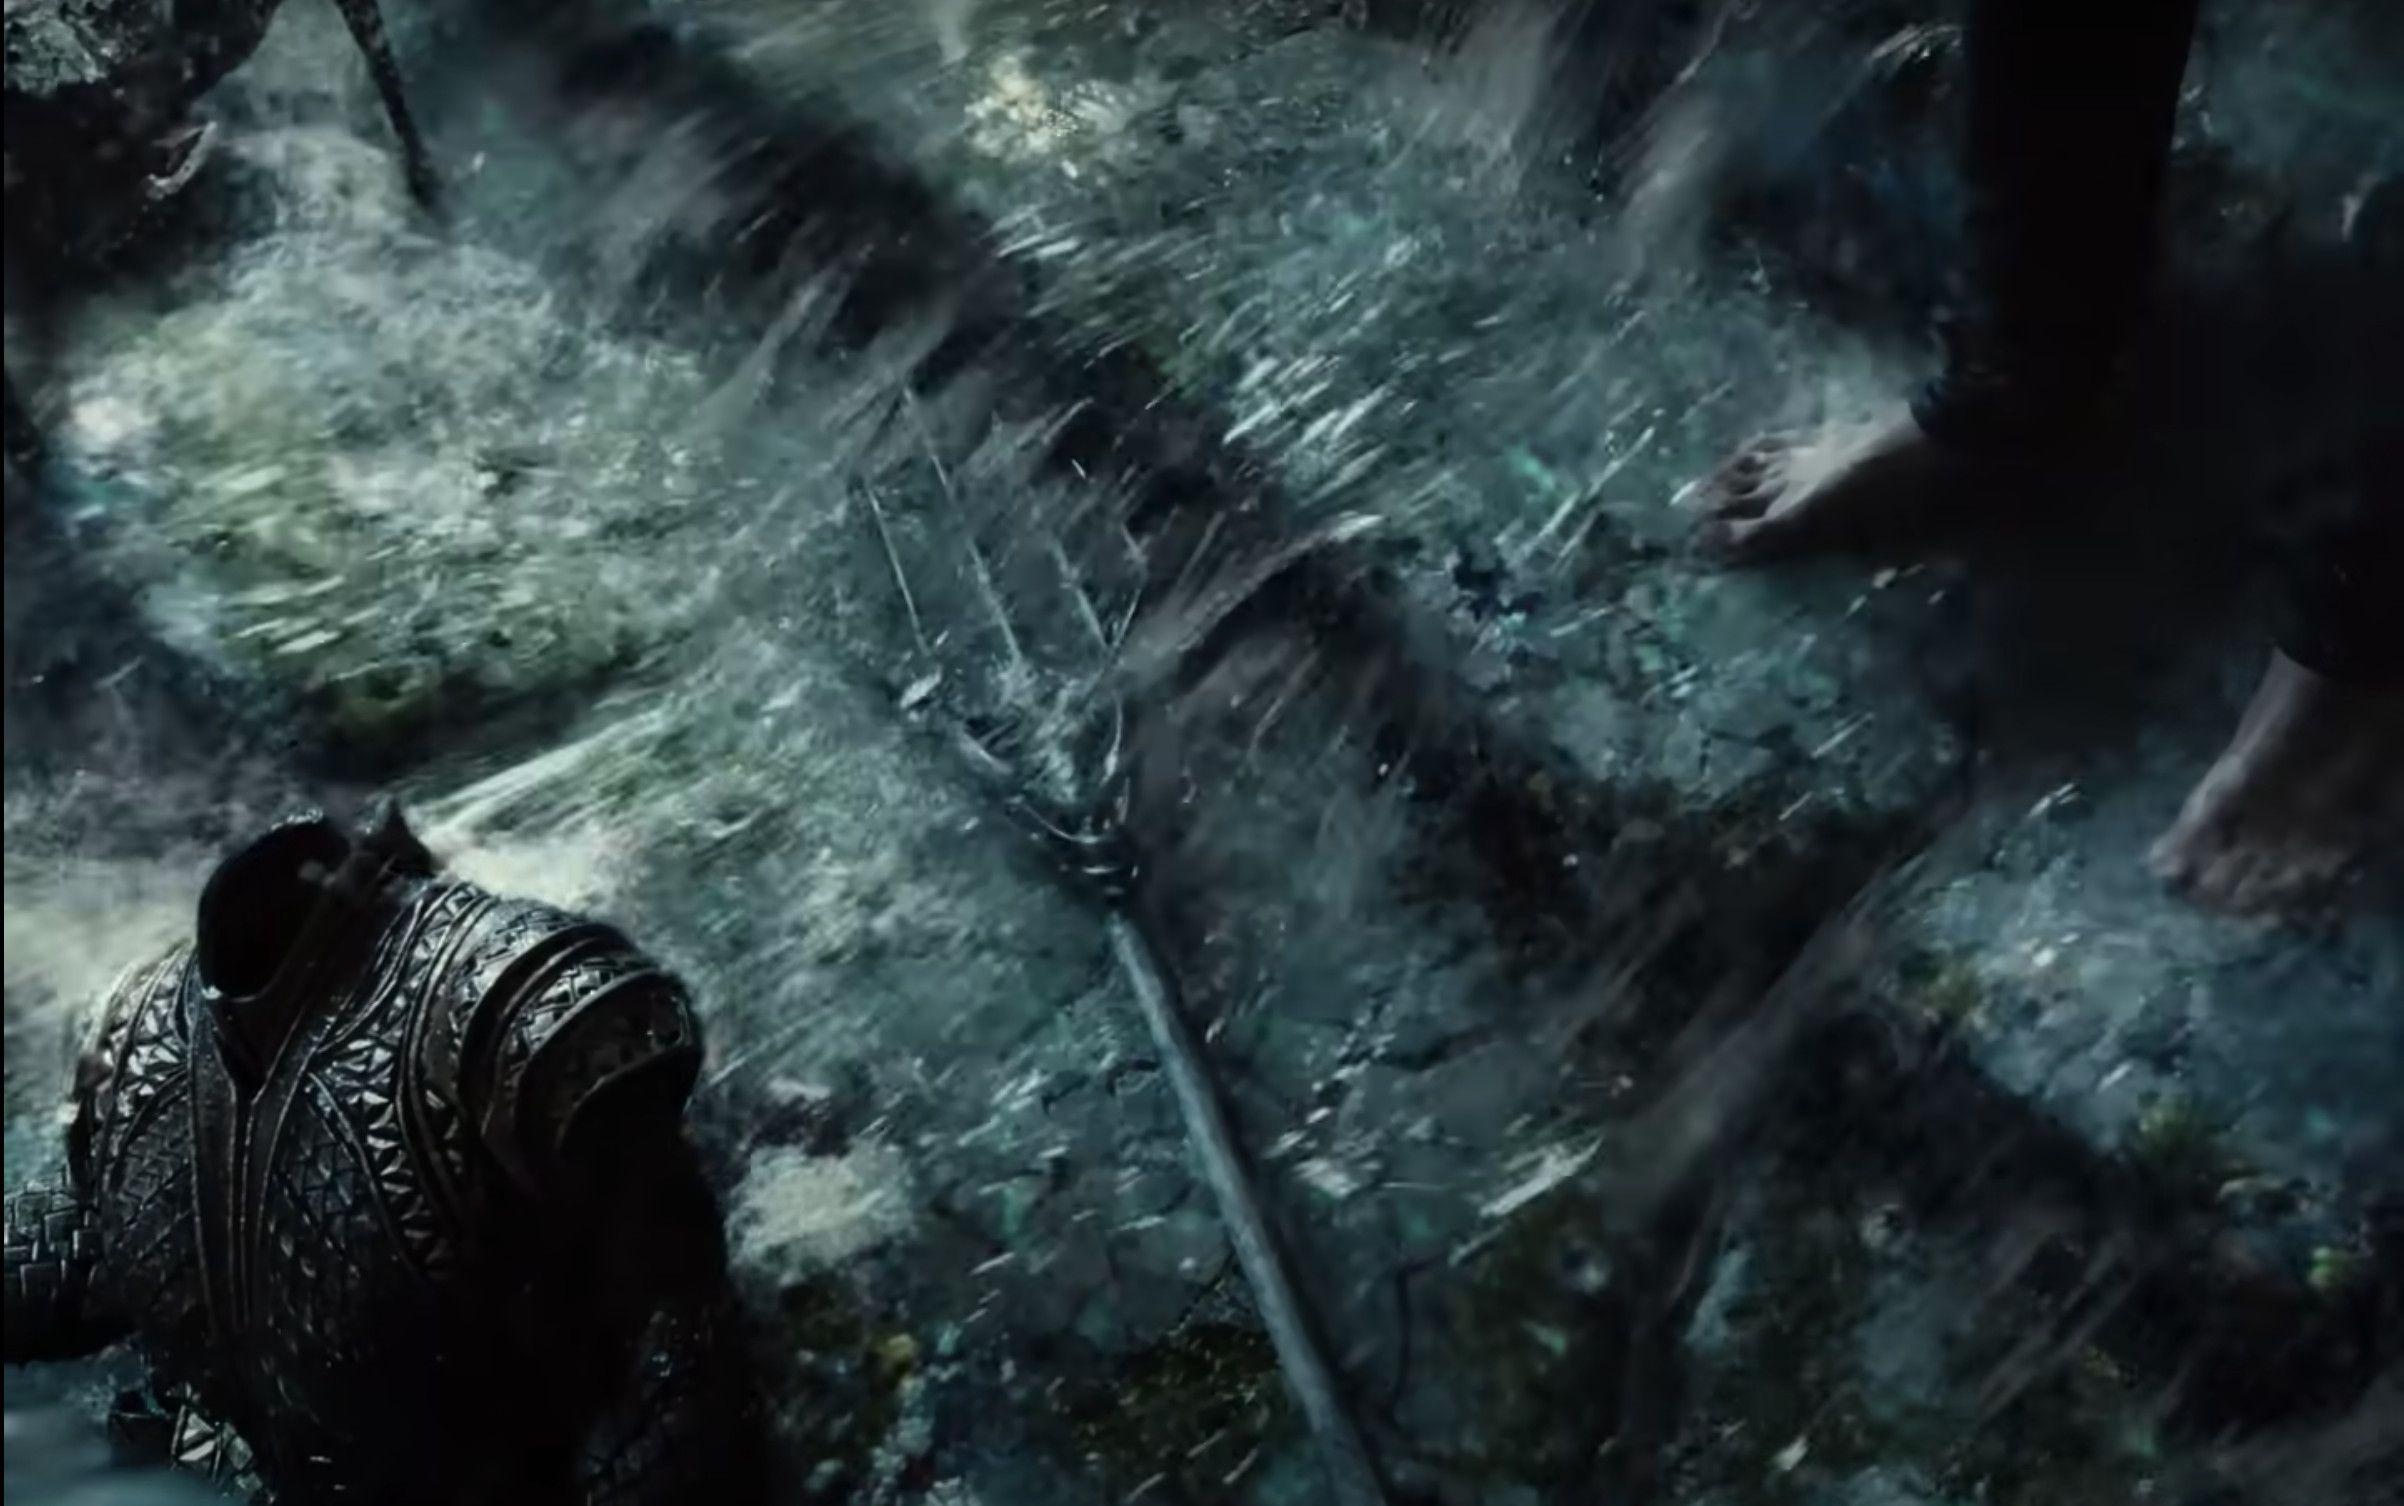 Arthur's armour & weapon